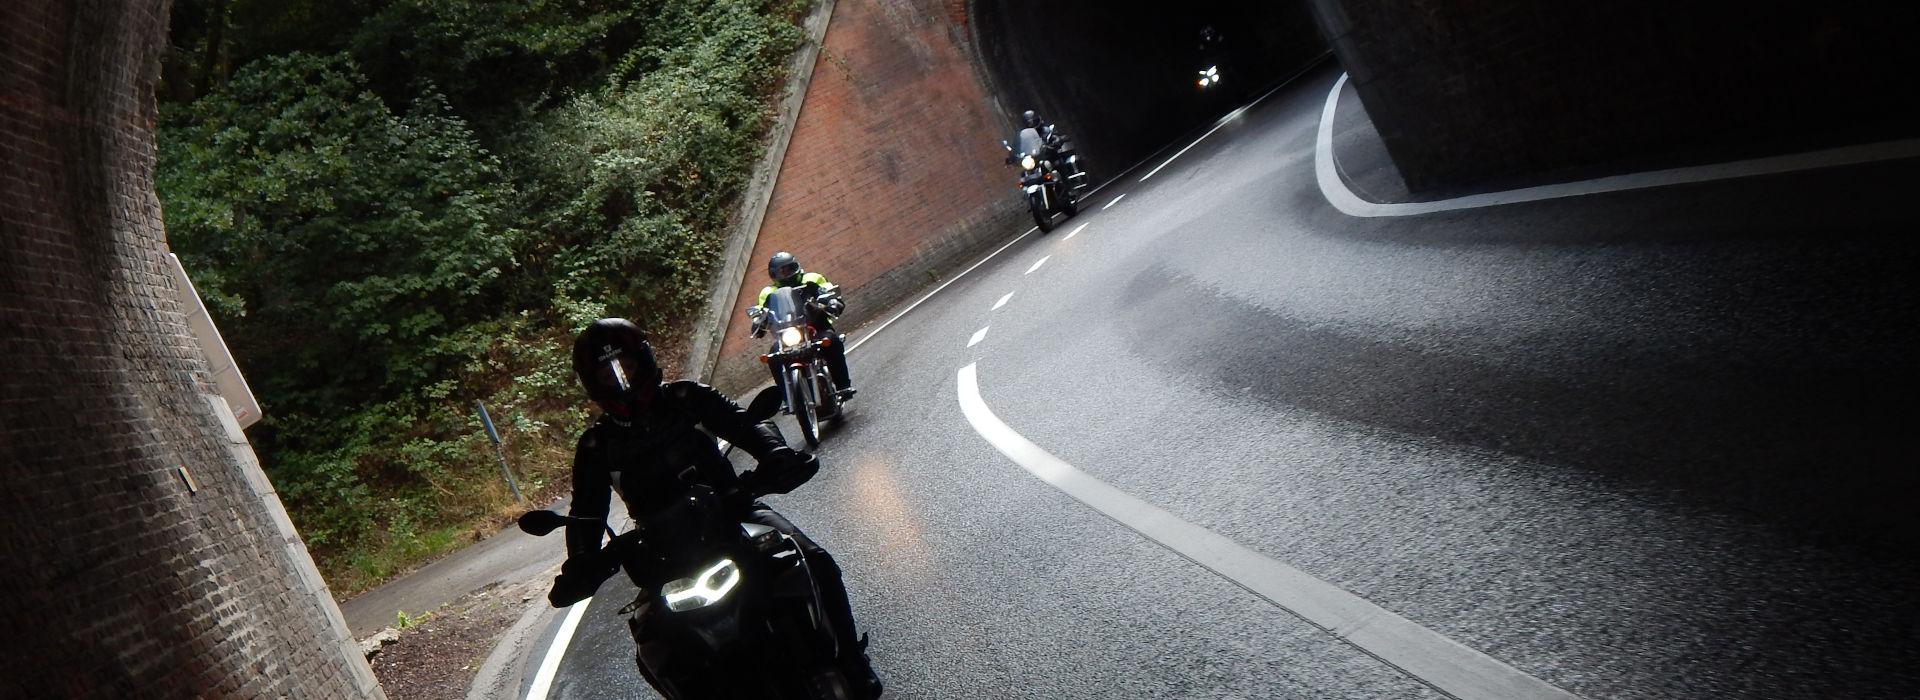 Motorrijbewijspoint Schelluinen spoed motorrijbewijs